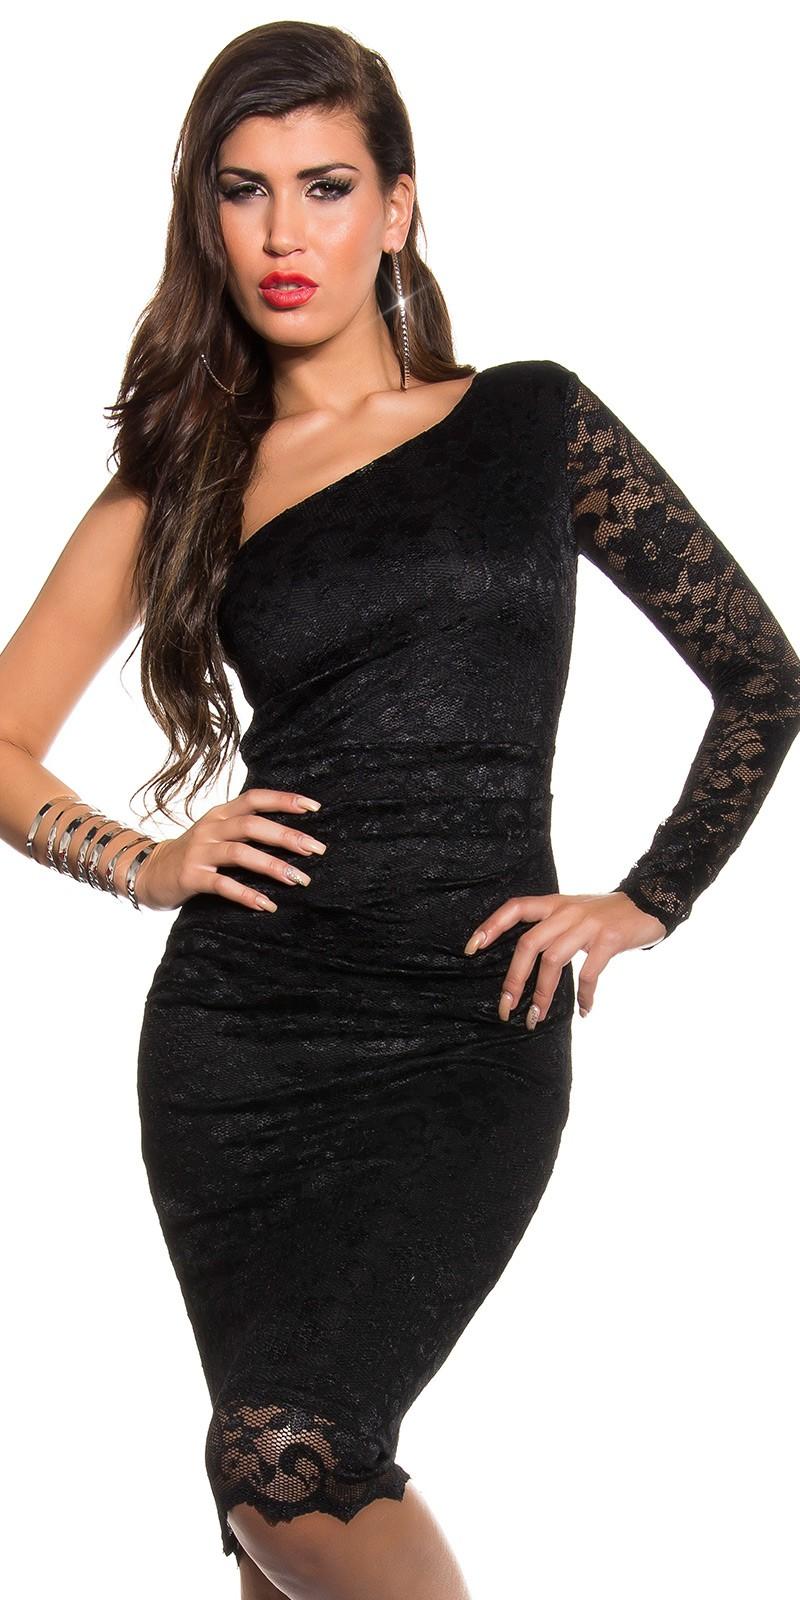 Csipkés félvállas női alkalmi ruha miniruha - fekete 38-42-ig empty 2dc9dceca5